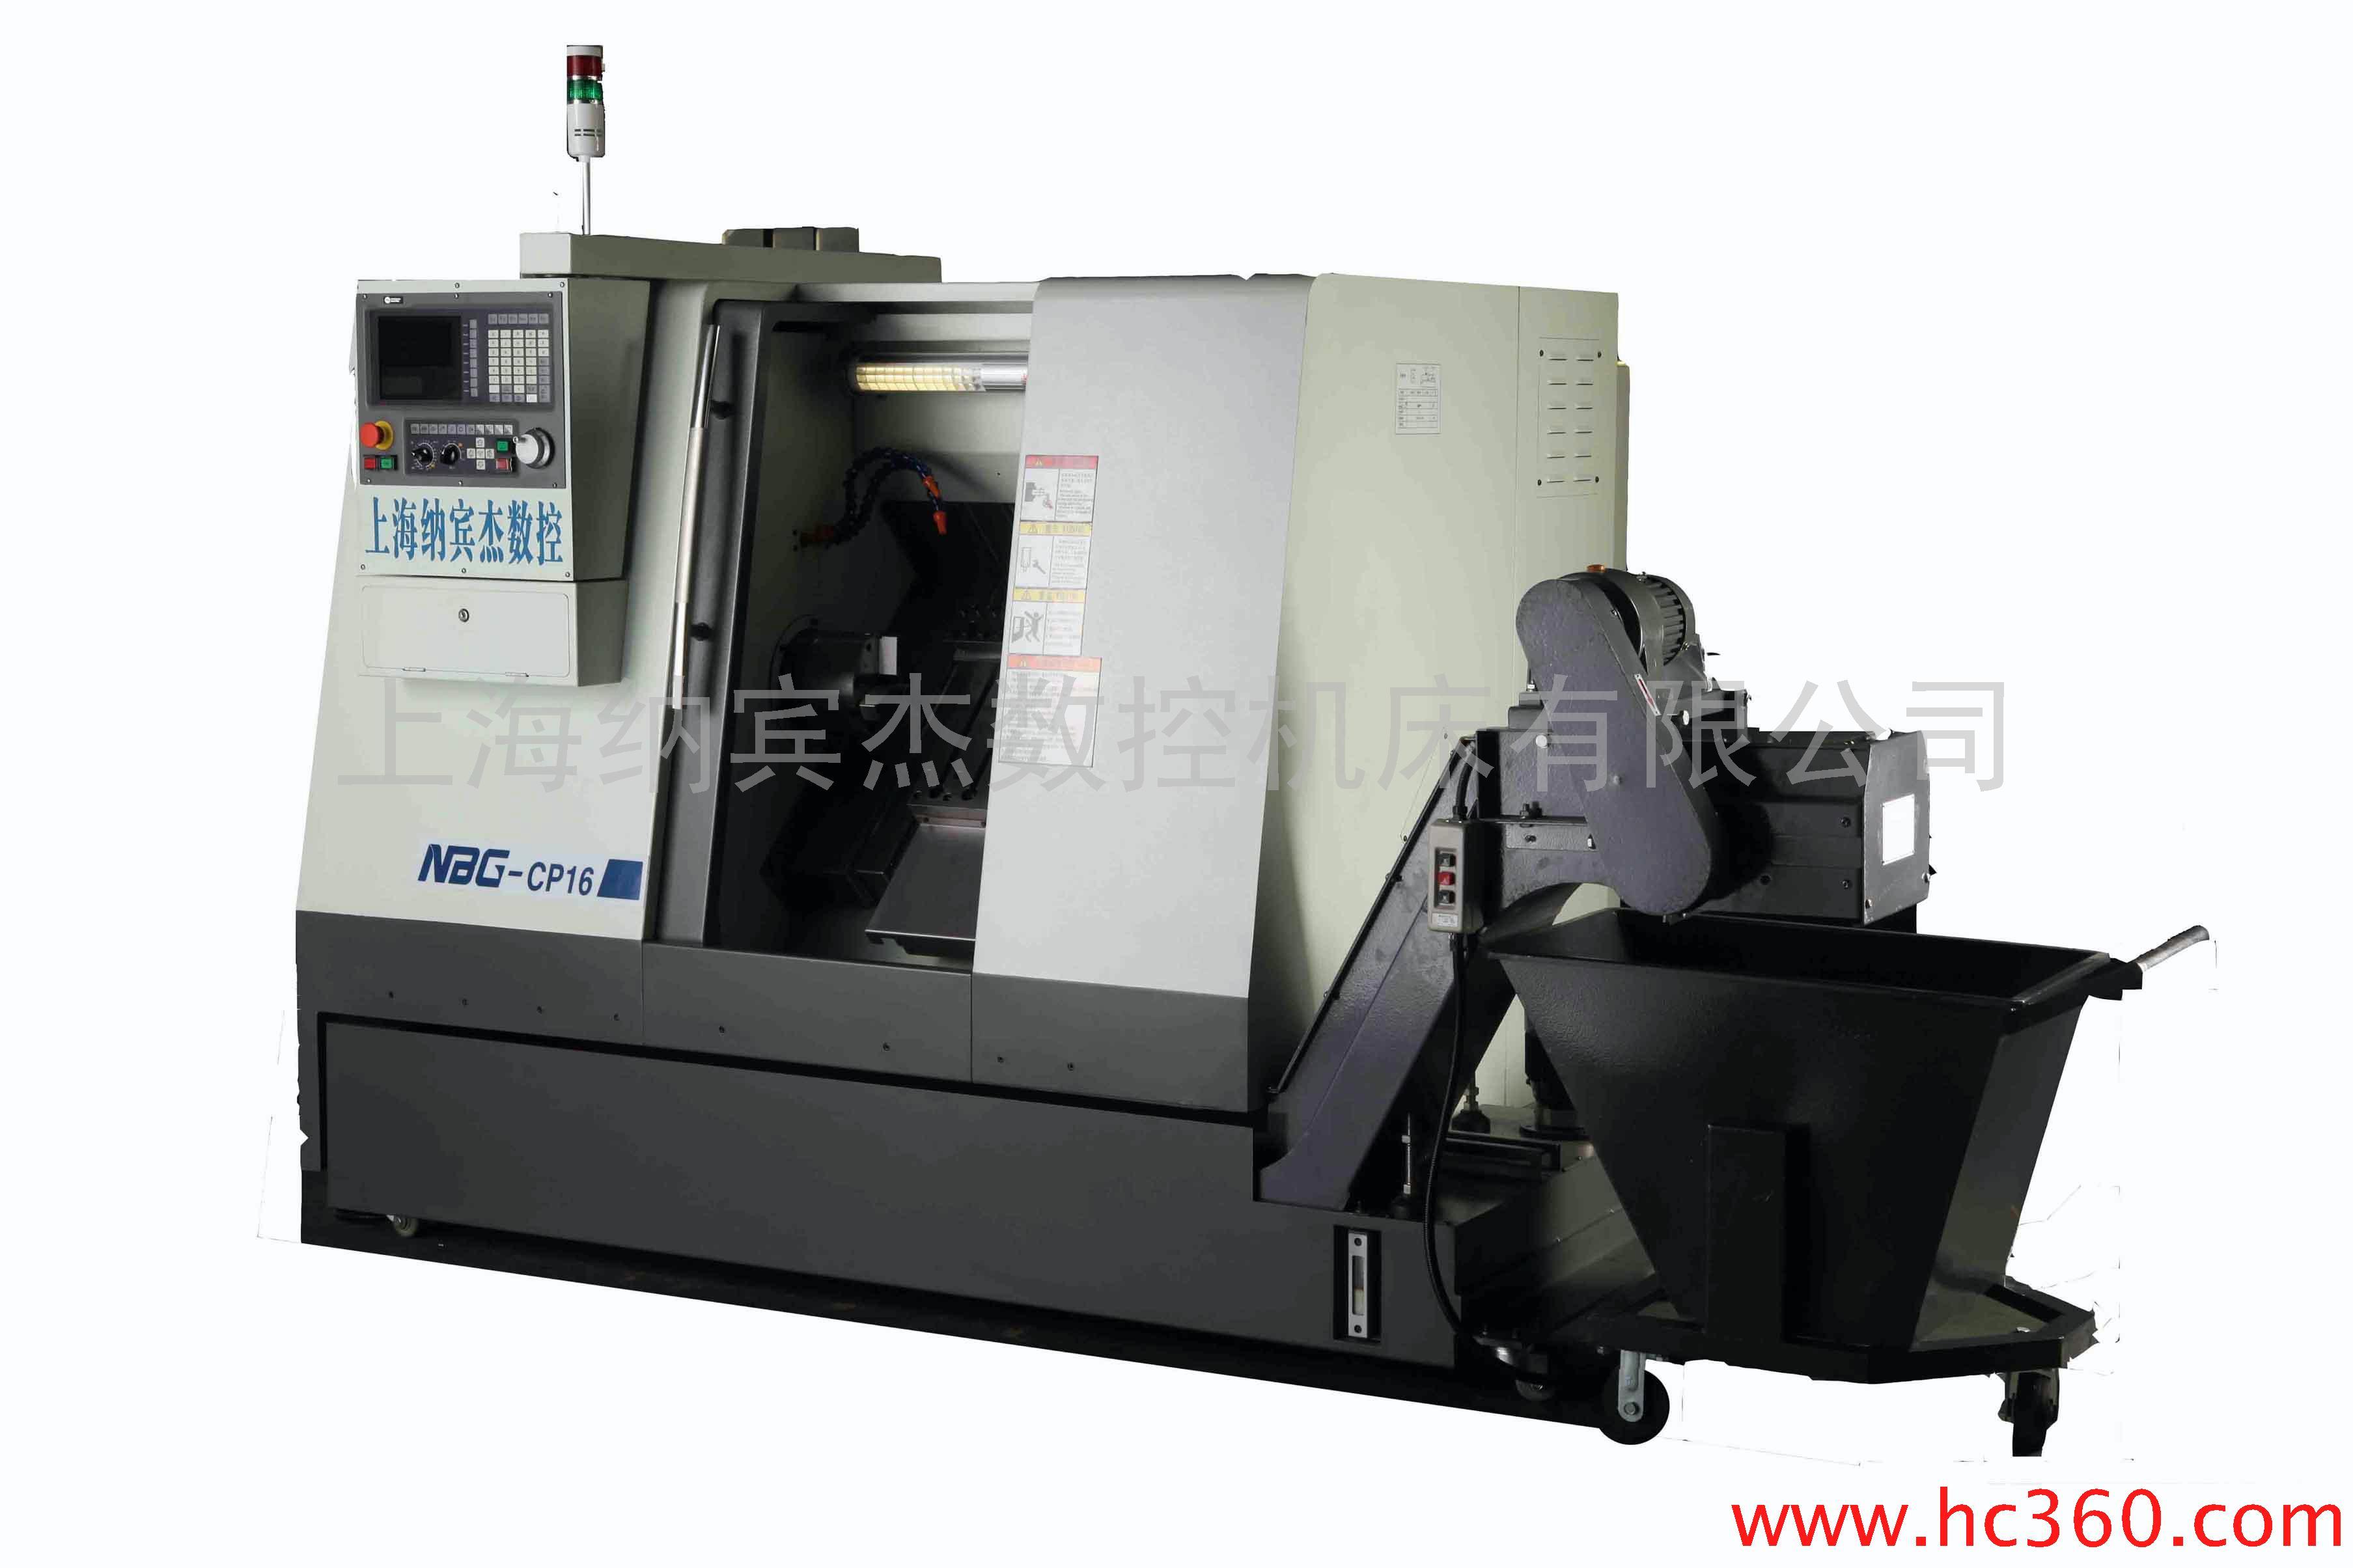 NBG-CP16数控车床